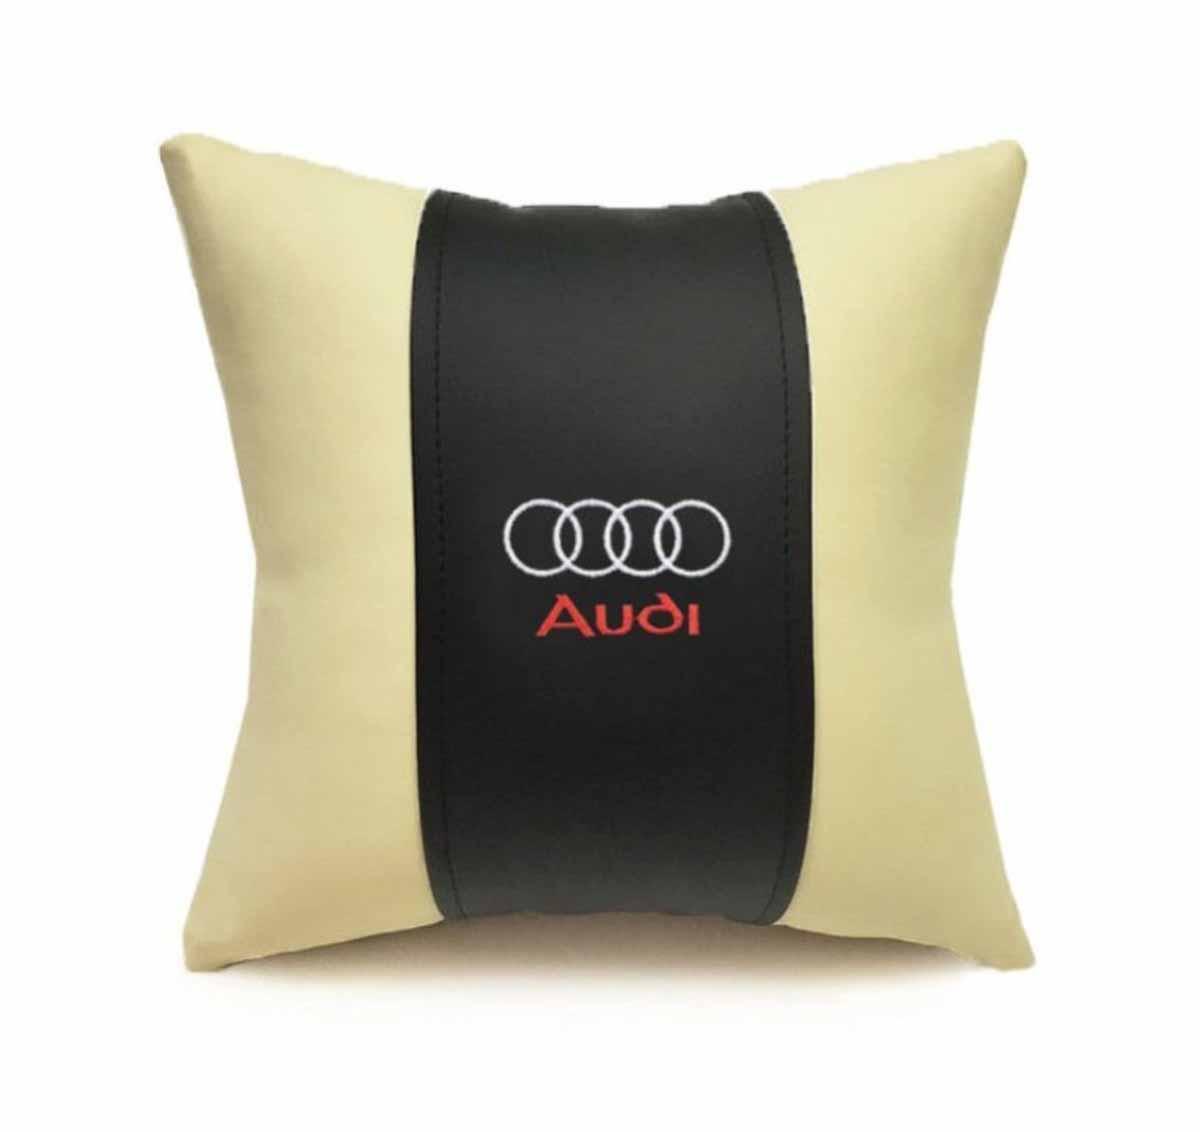 Подушка декоративная Auto Premium Audi, цвет: черный, бежевый подушка декоративная auto premium я патриот цвет черно бежевый 37257